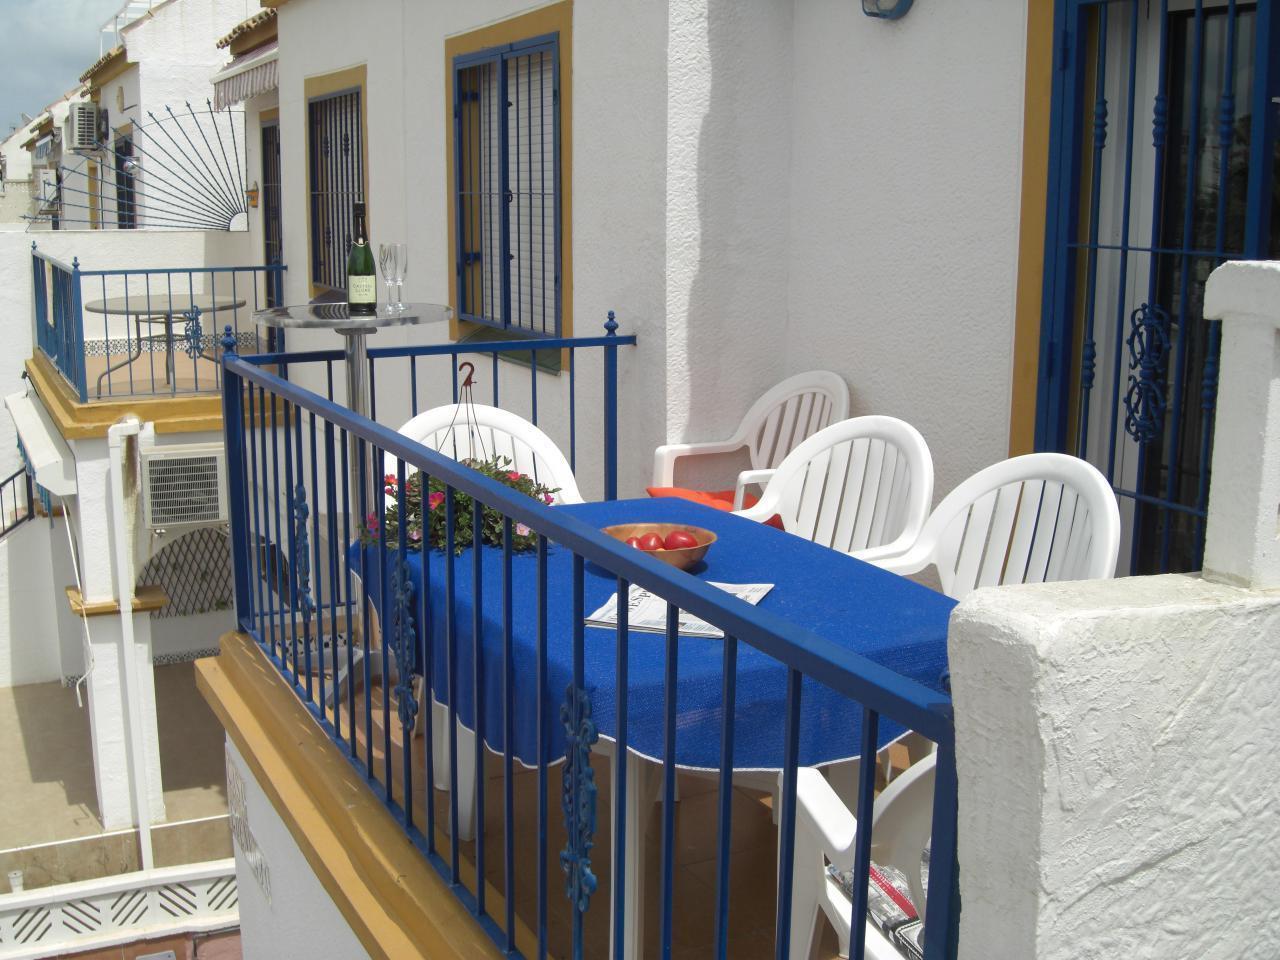 Ferienwohnung 4 Personen 62qm Costa Blanca (118835), Orihuela-Costa, Costa Blanca, Valencia, Spanien, Bild 16